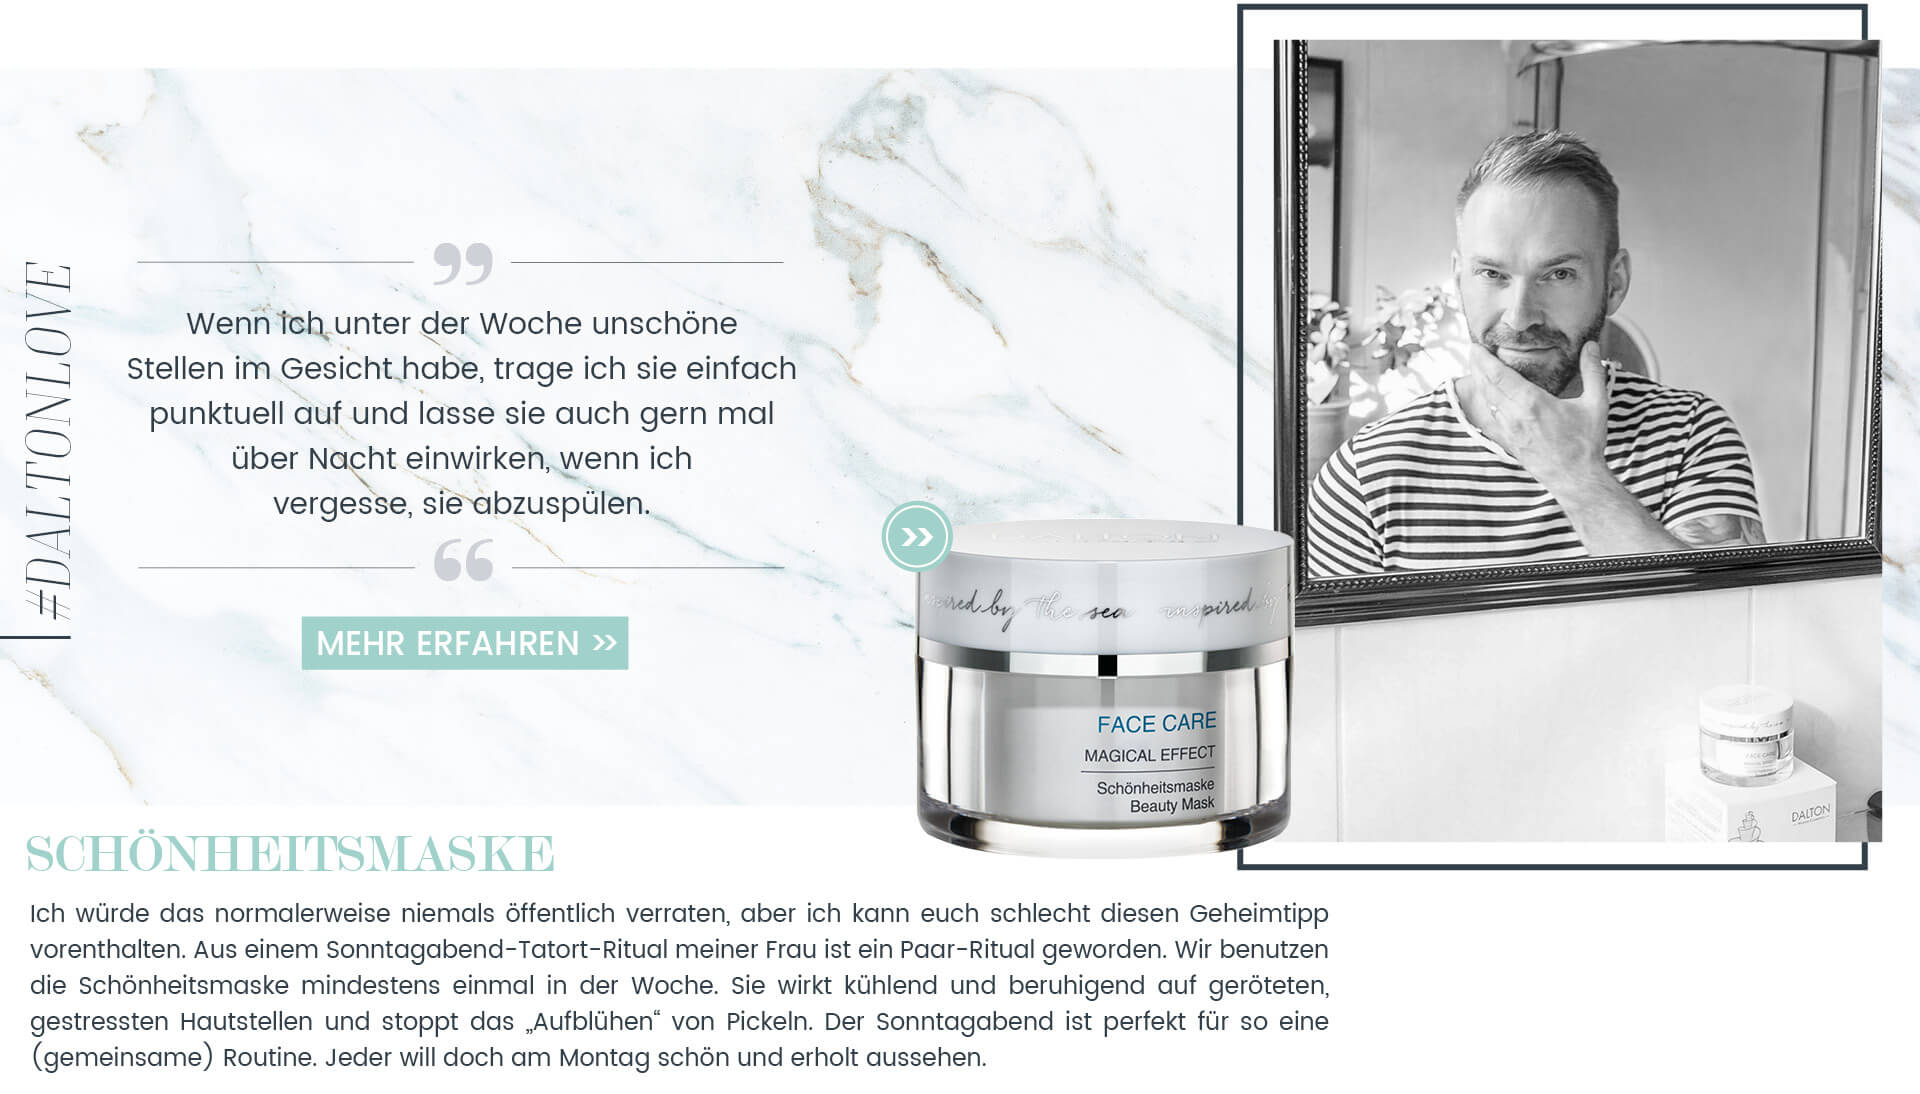 Weiße Schönheitsmaske gegen Pickel von daddy_co.ol